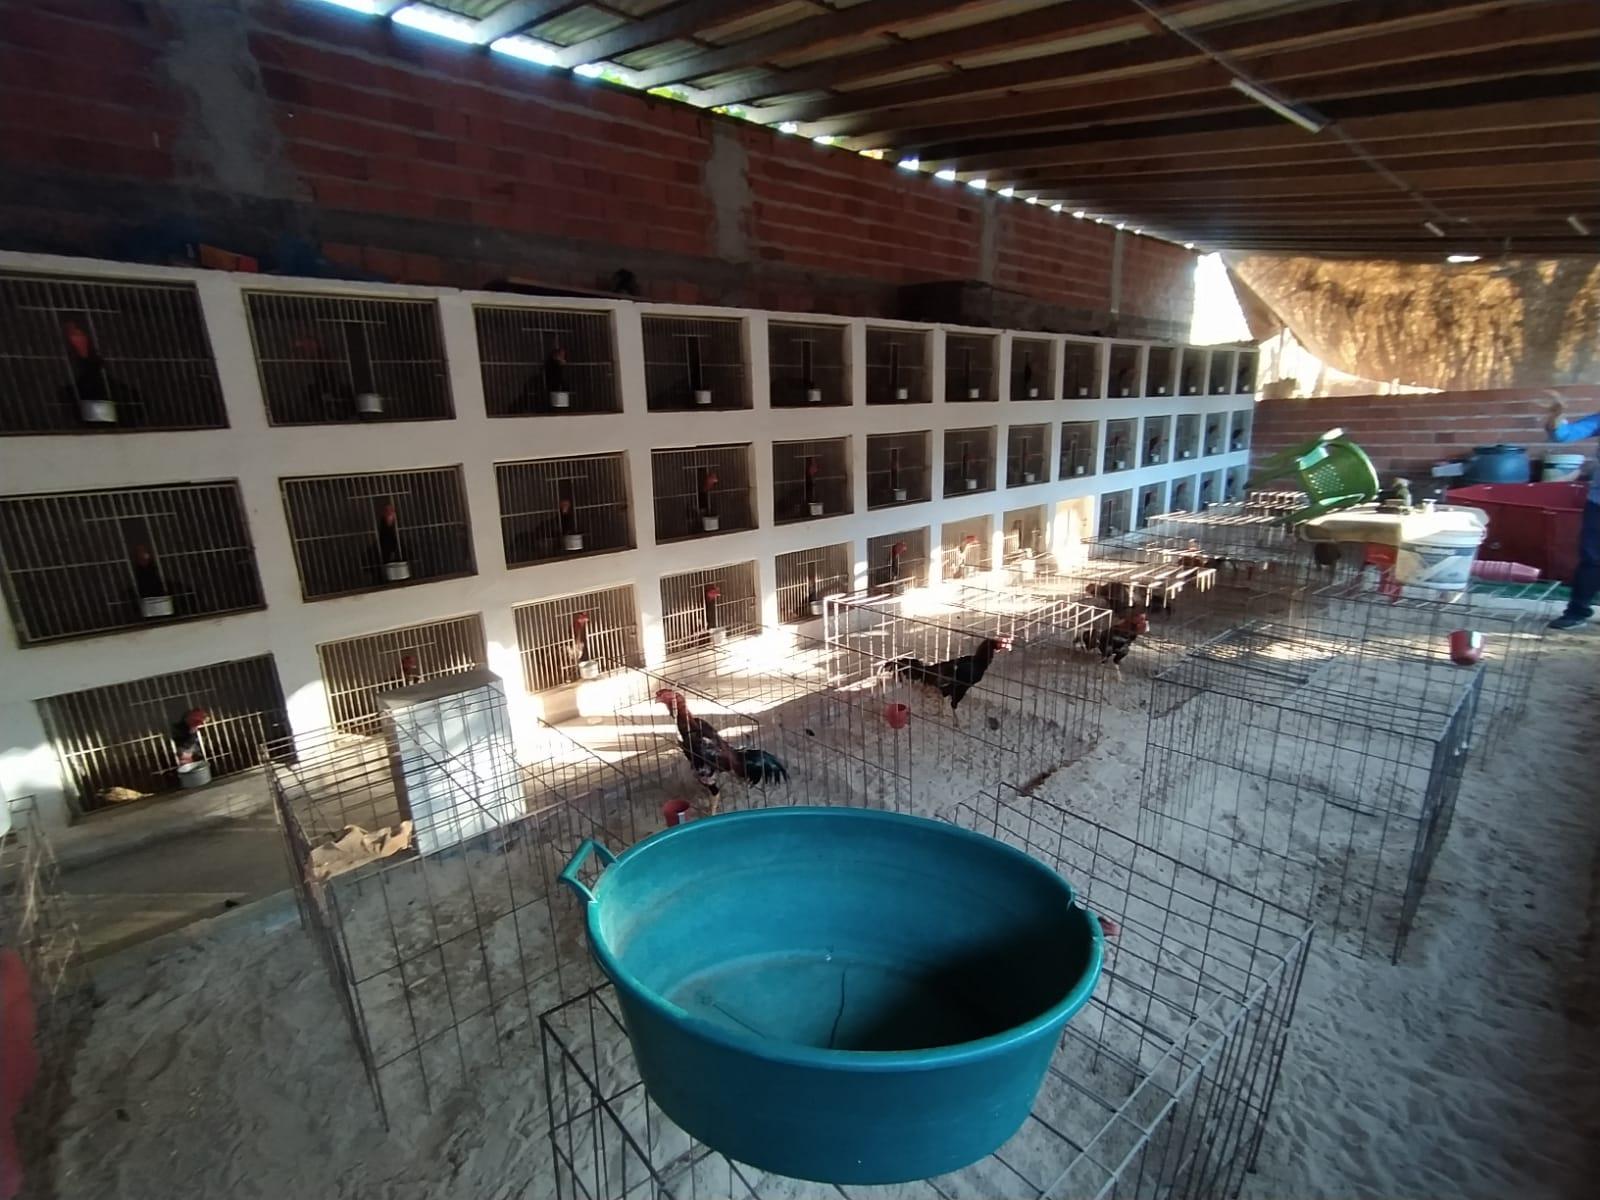 Descoberta rinha com mais de 30 galos que seriam usados para brigar entre si. (Foto: Ivan Lima)Descoberta rinha com mais de 30 galos que seriam usados para brigar entre si. (Foto: Ivan Lima)